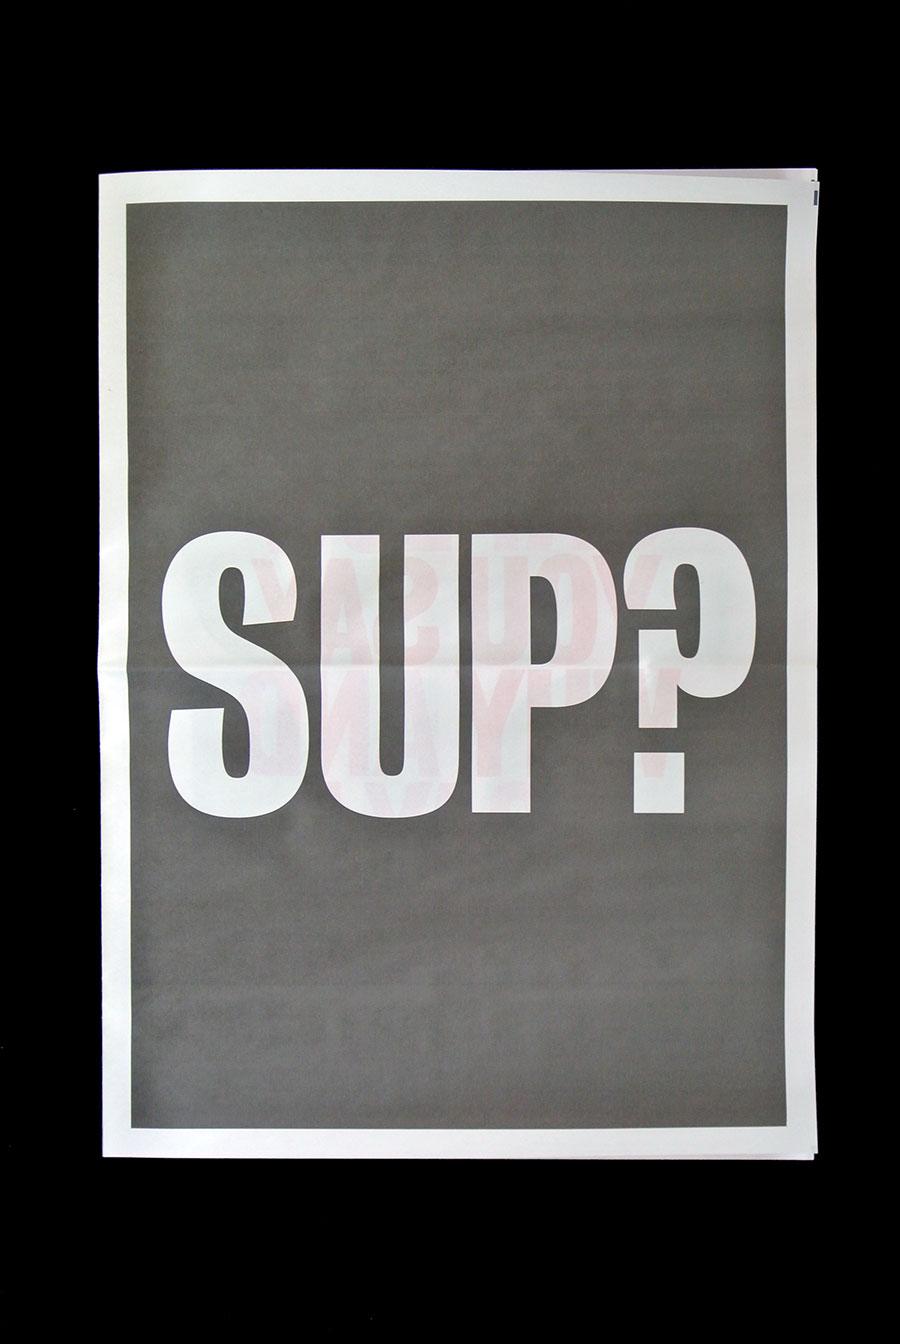 Sup? Matt Matthijs van Leeuwen newspaper webecomelegend cover